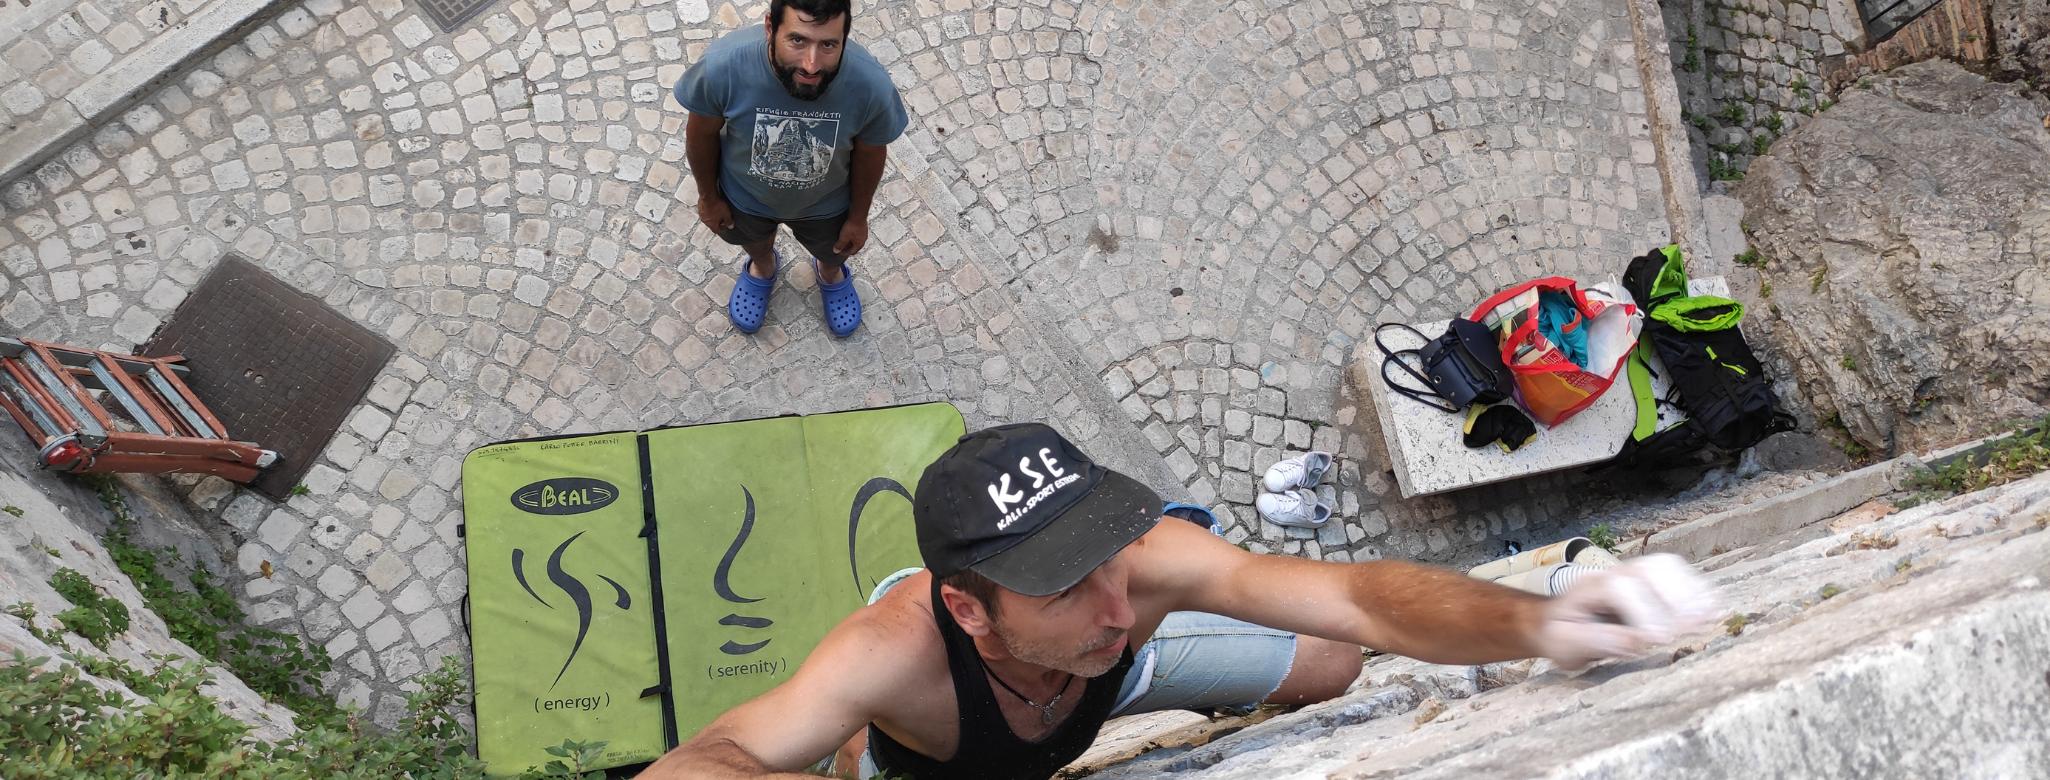 Ragazzo scala la parete di un edificio